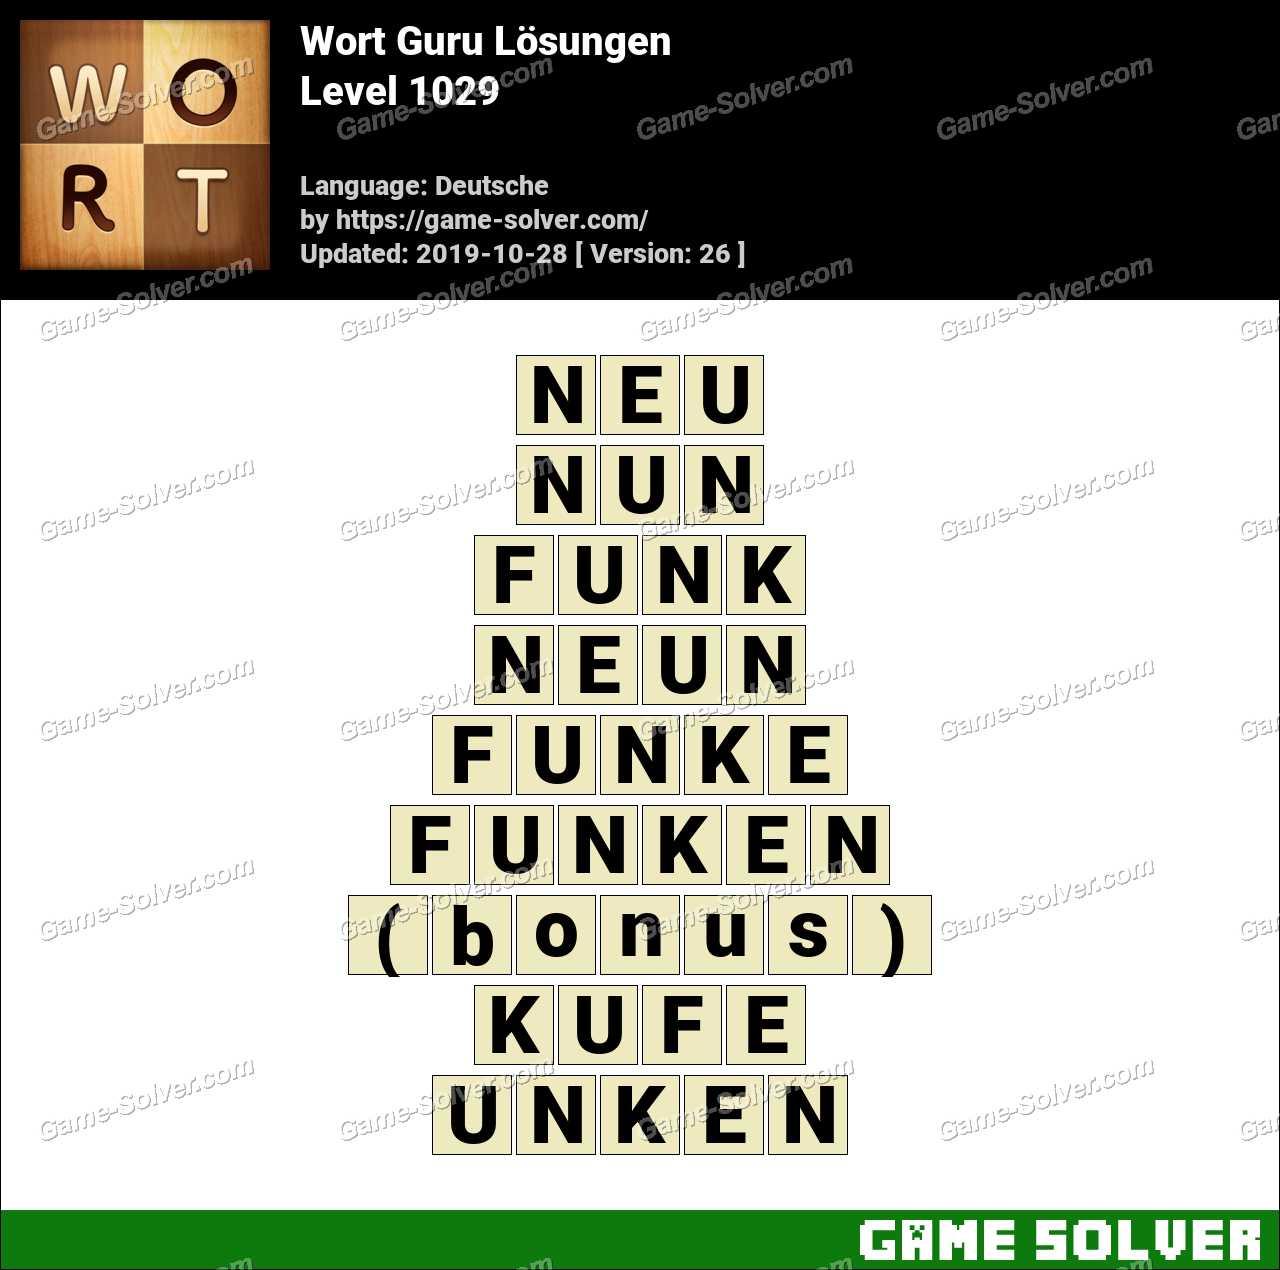 Wort Guru 864